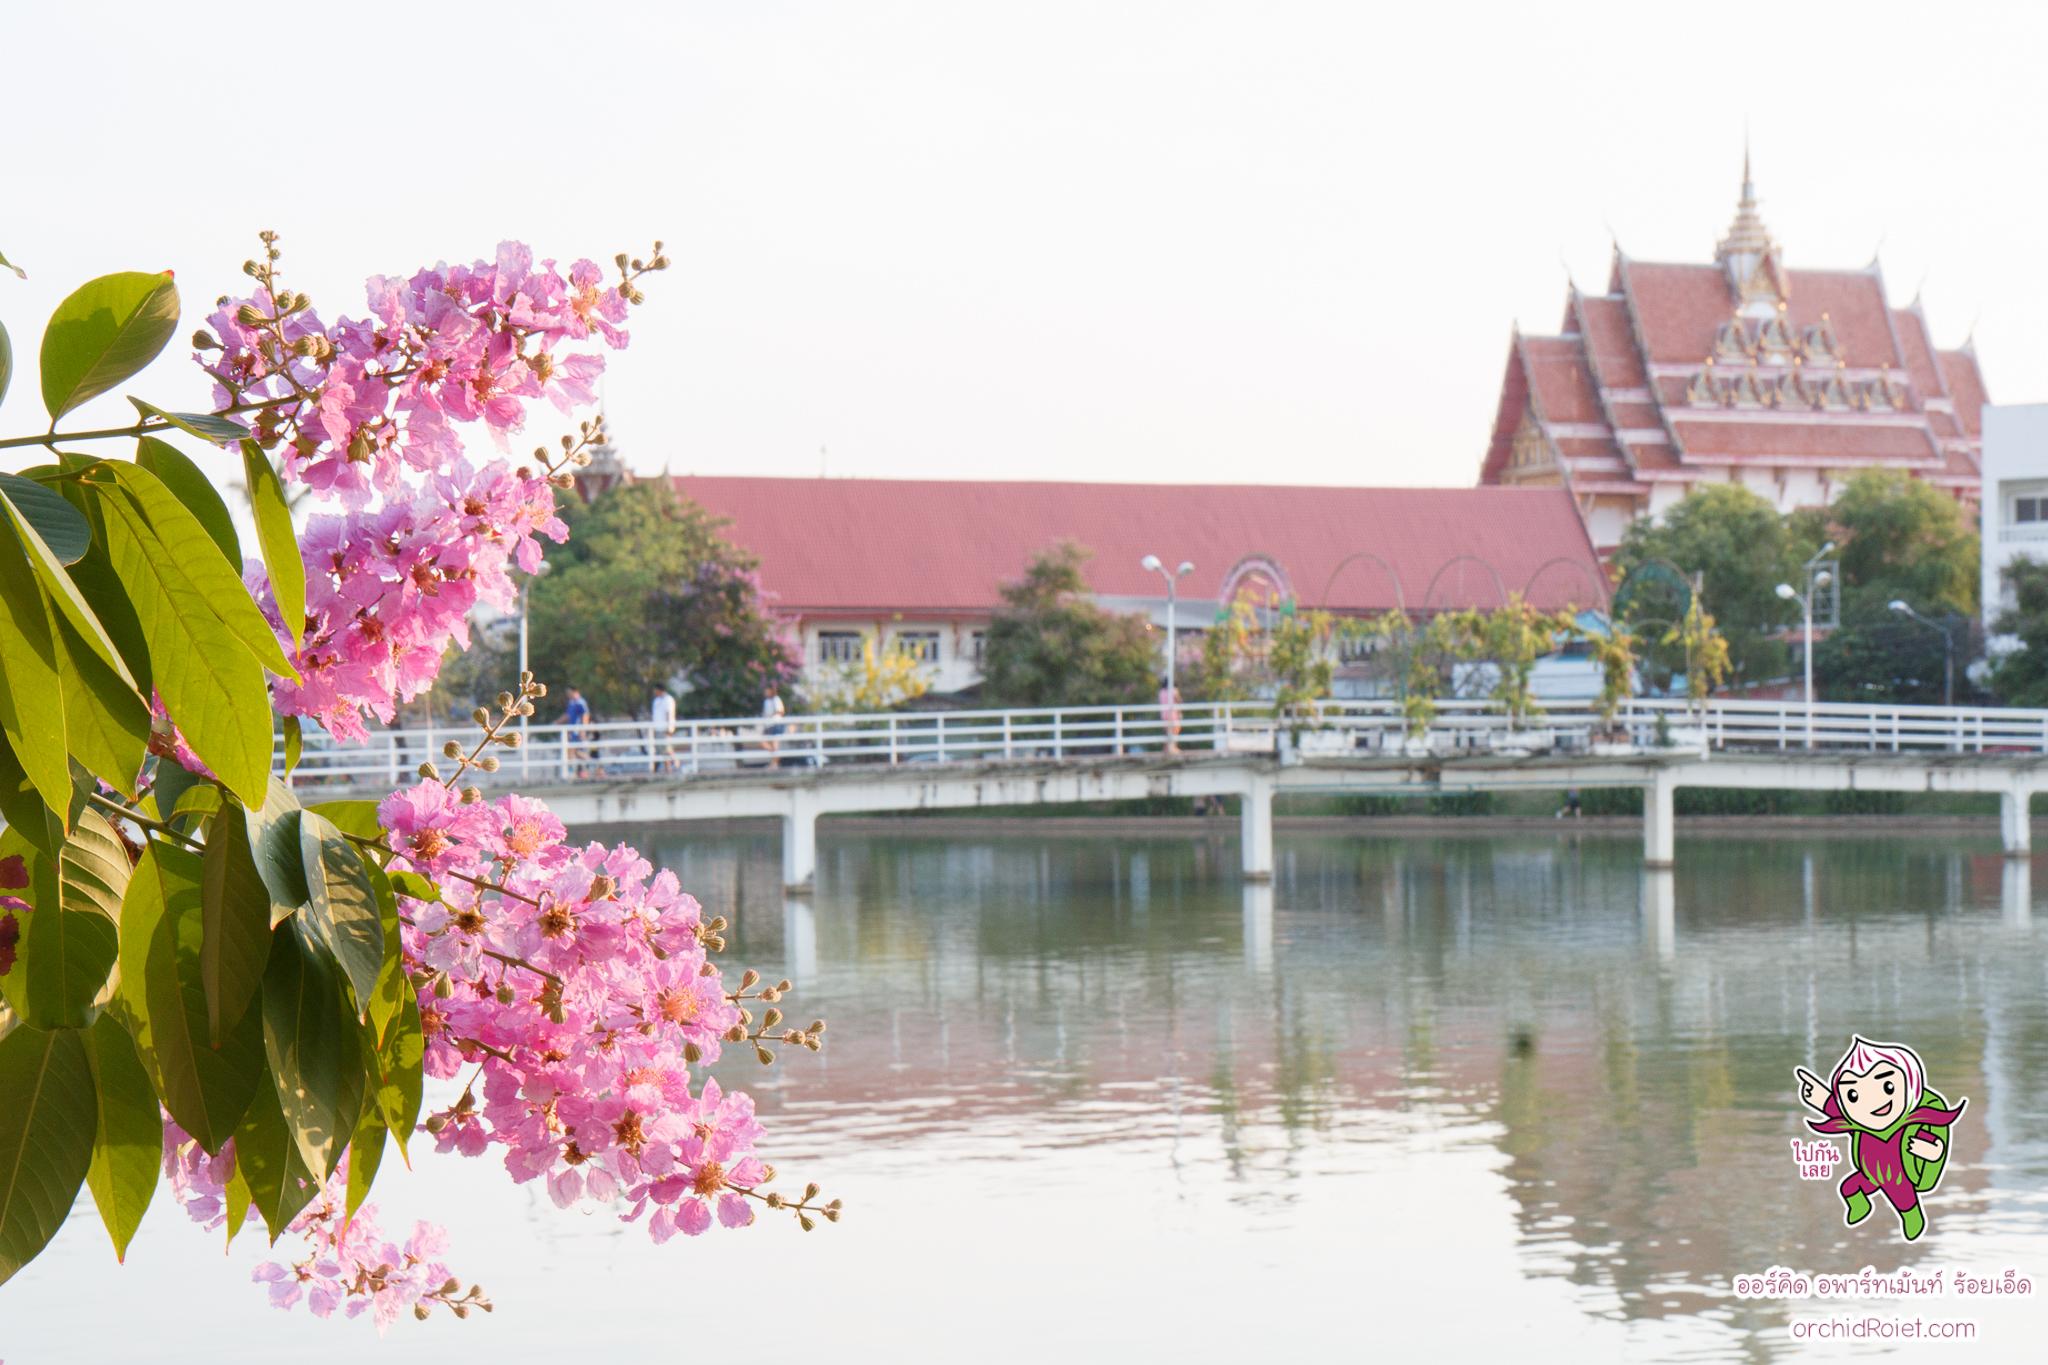 ออร์คิด อพาร์ทเม้นท์ ร้อยเอ็ด ที่พักดี ในเมืองร้อยเอ็ด www.orchidroiet.com